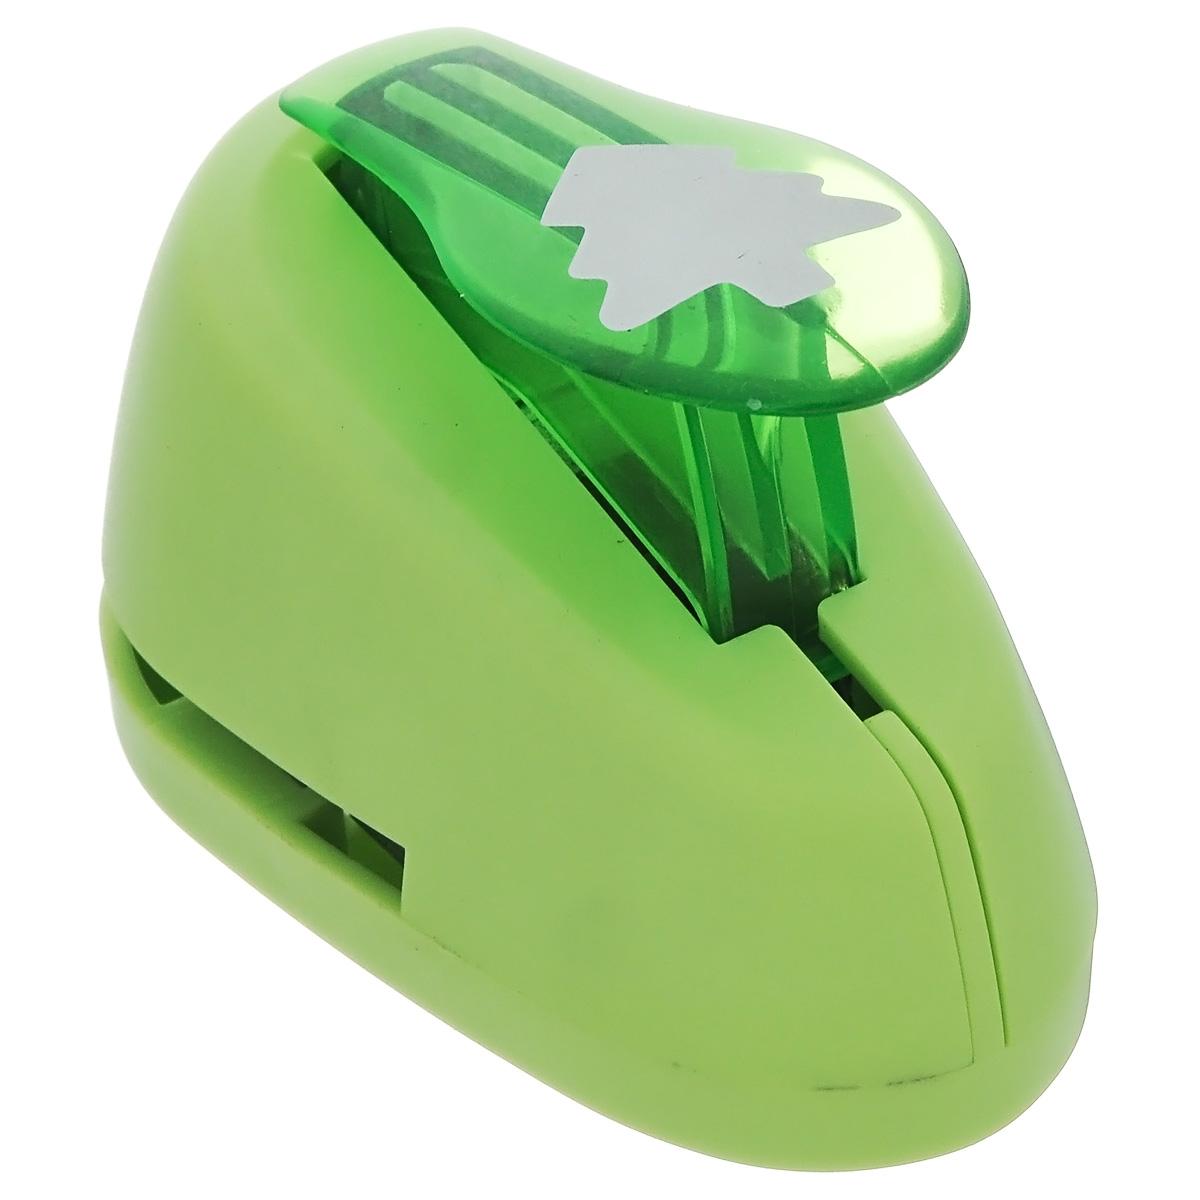 Дырокол фигурный Астра Елочка, цвет: салатовый. 7709605_267709605_26 - салатовыйДырокол Астра Елочка, изготовленный из прочного металла и пластика, поможетвам легко, просто и аккуратно вырезать много одинаковых мелких фигурок. Режущие части компостера закрыты пластиковым корпусом, что обеспечиваетбезопасность для детей. Вырезанные фигурки в виде елочек накапливаются в специальном резервуаре. Можно использовать вырезанные мотивы как конфетти или для наклеивания.Дырокол подходит для разных техник: декупажа, скрапбукинга, декорирования. Размер дырокола: 8 х 5 х 5 см. Размер готовой фигурки: 2 х 2 см.